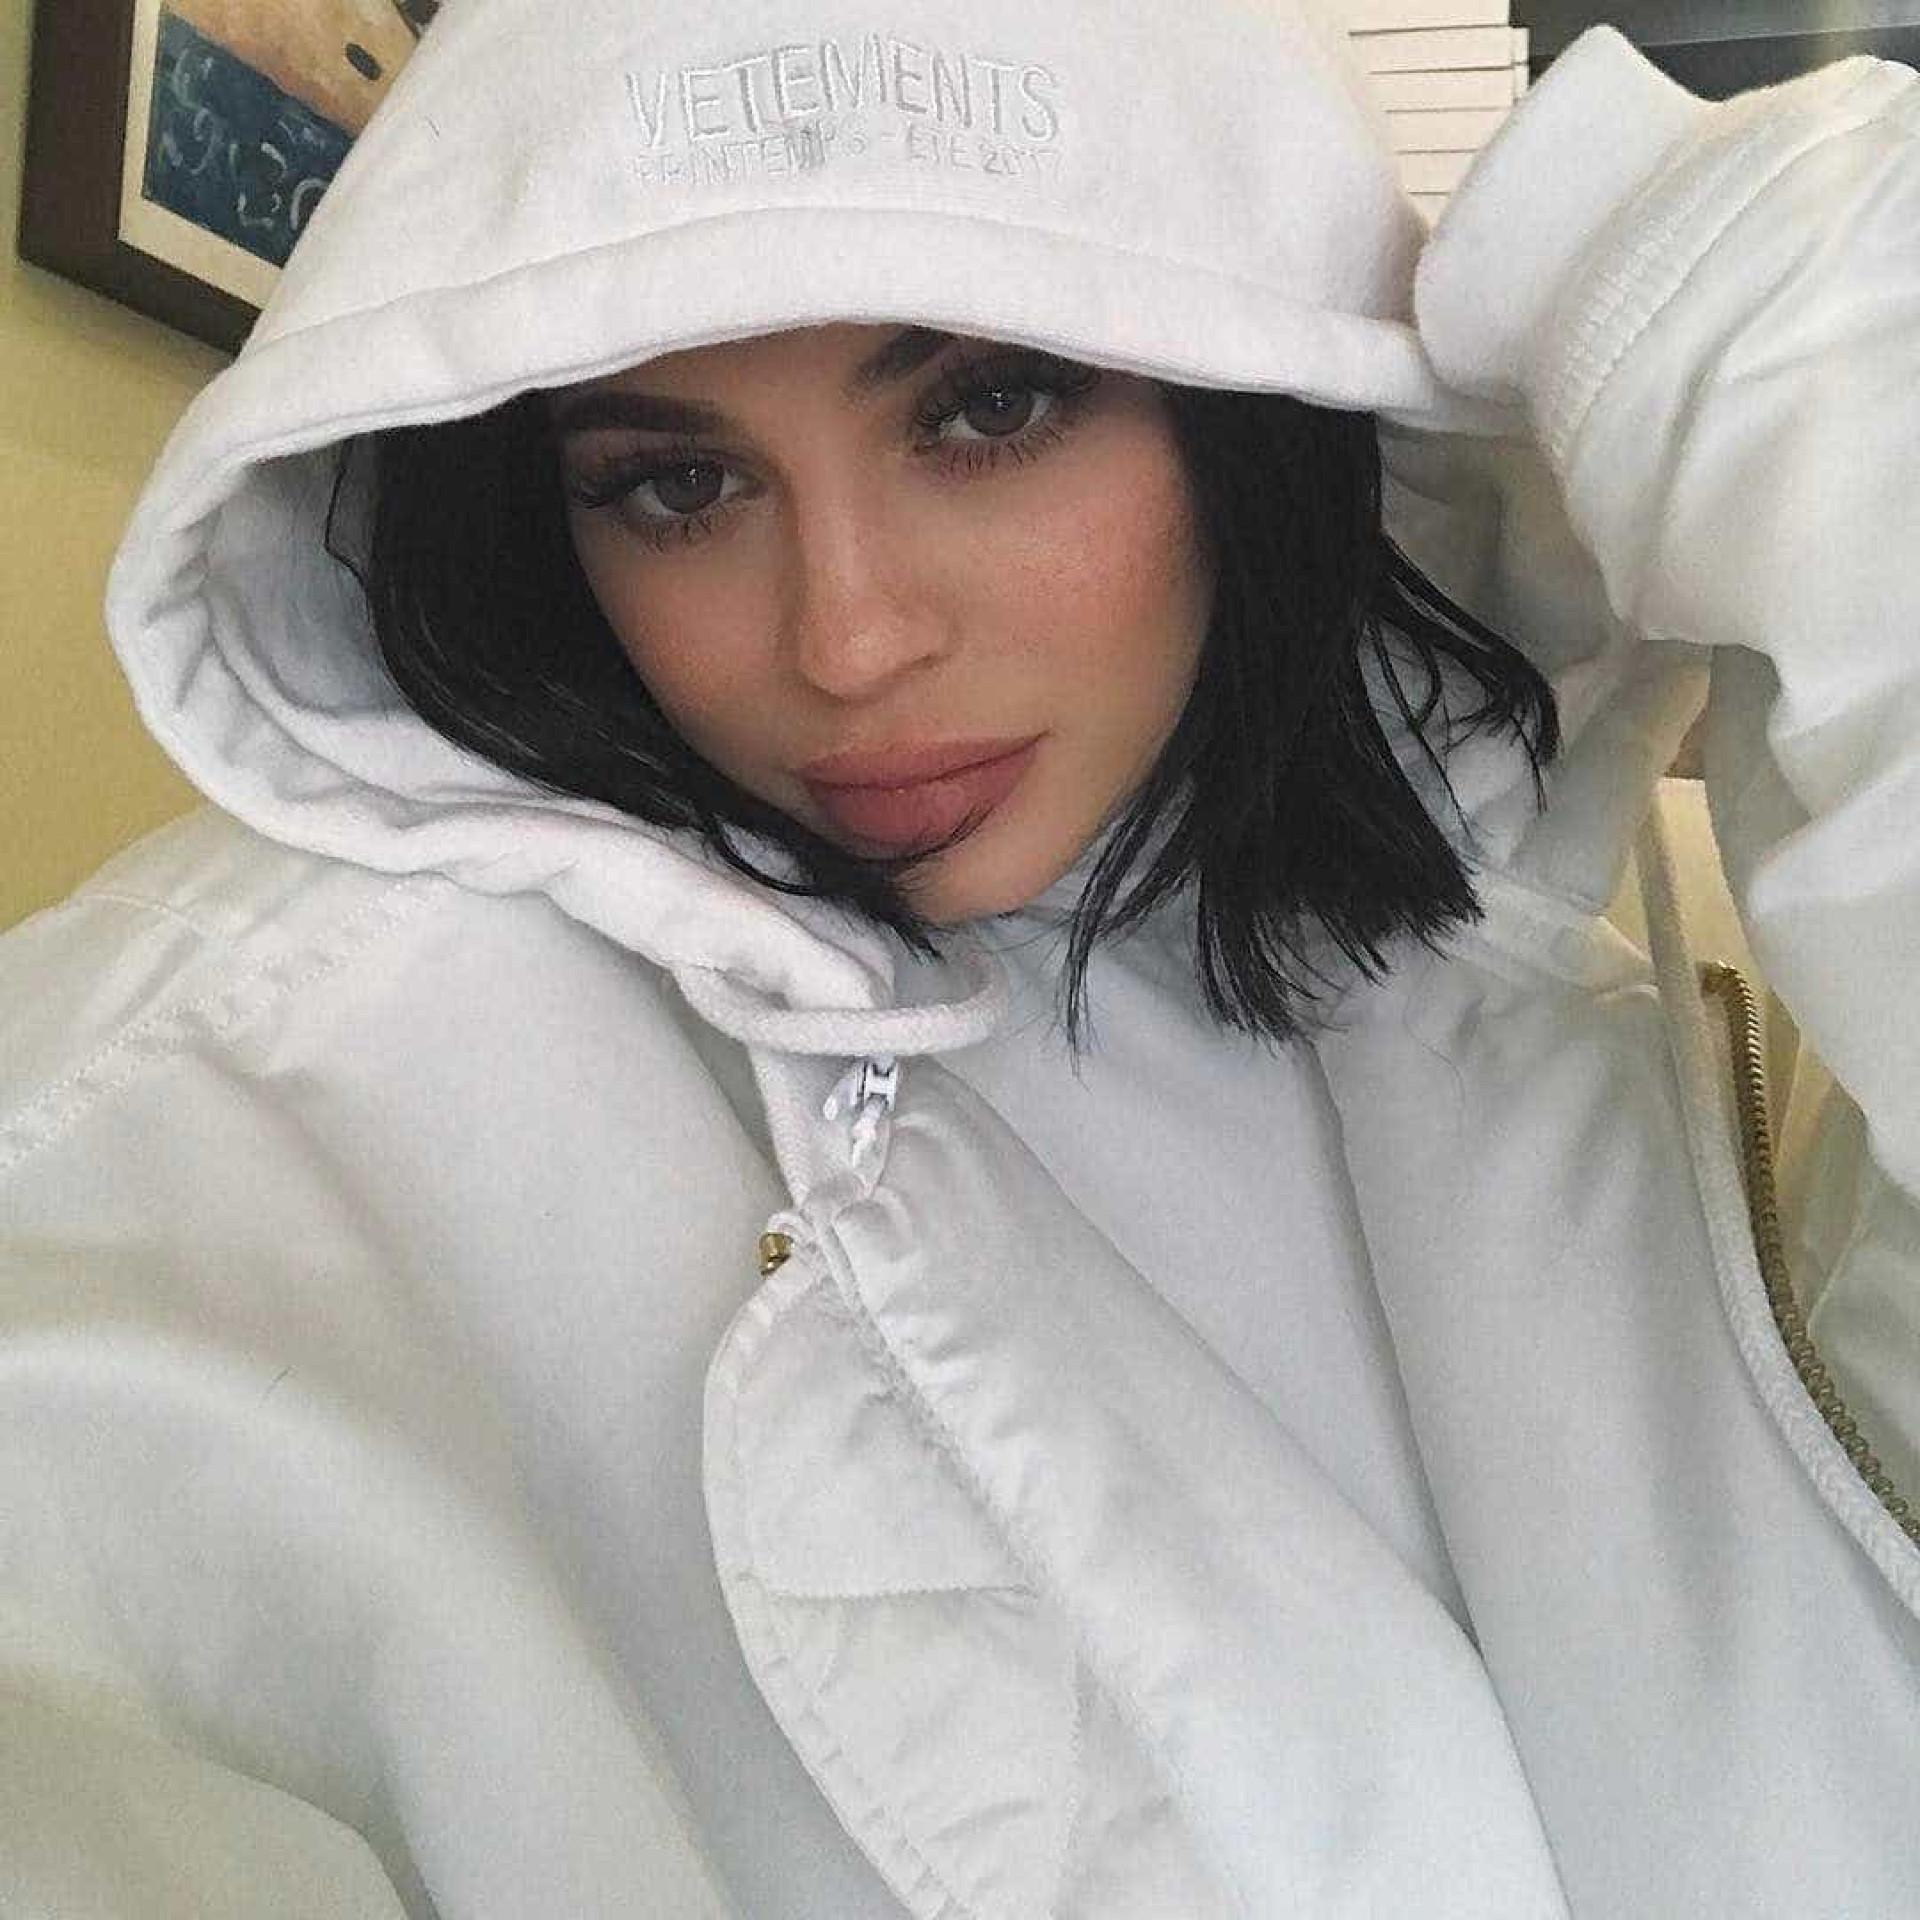 Kylie Jenner sem soutien nas redes sociais (e parecida à mãe?)